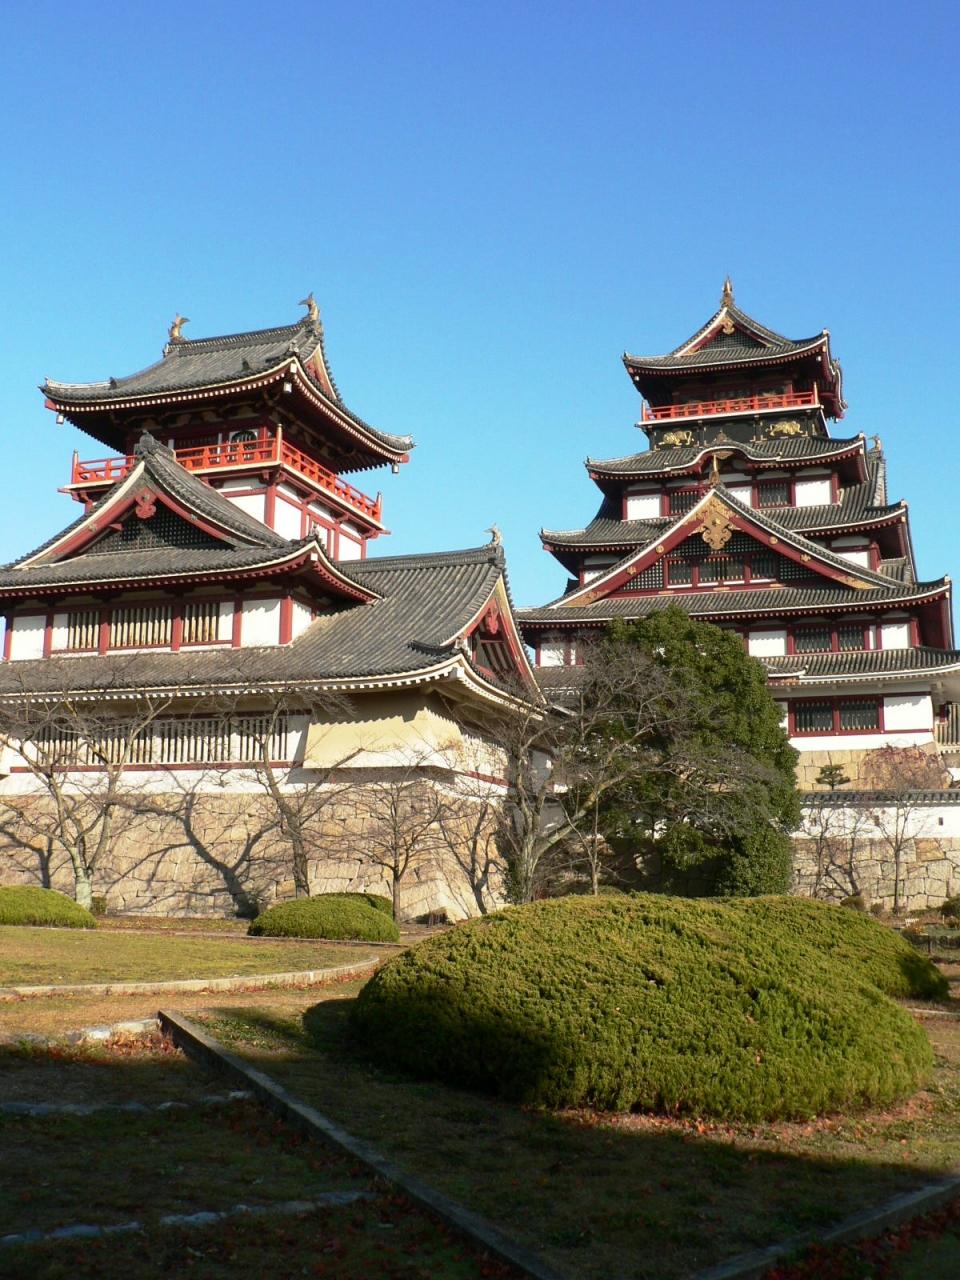 日本の旅 関西を歩く 京都、伏見...